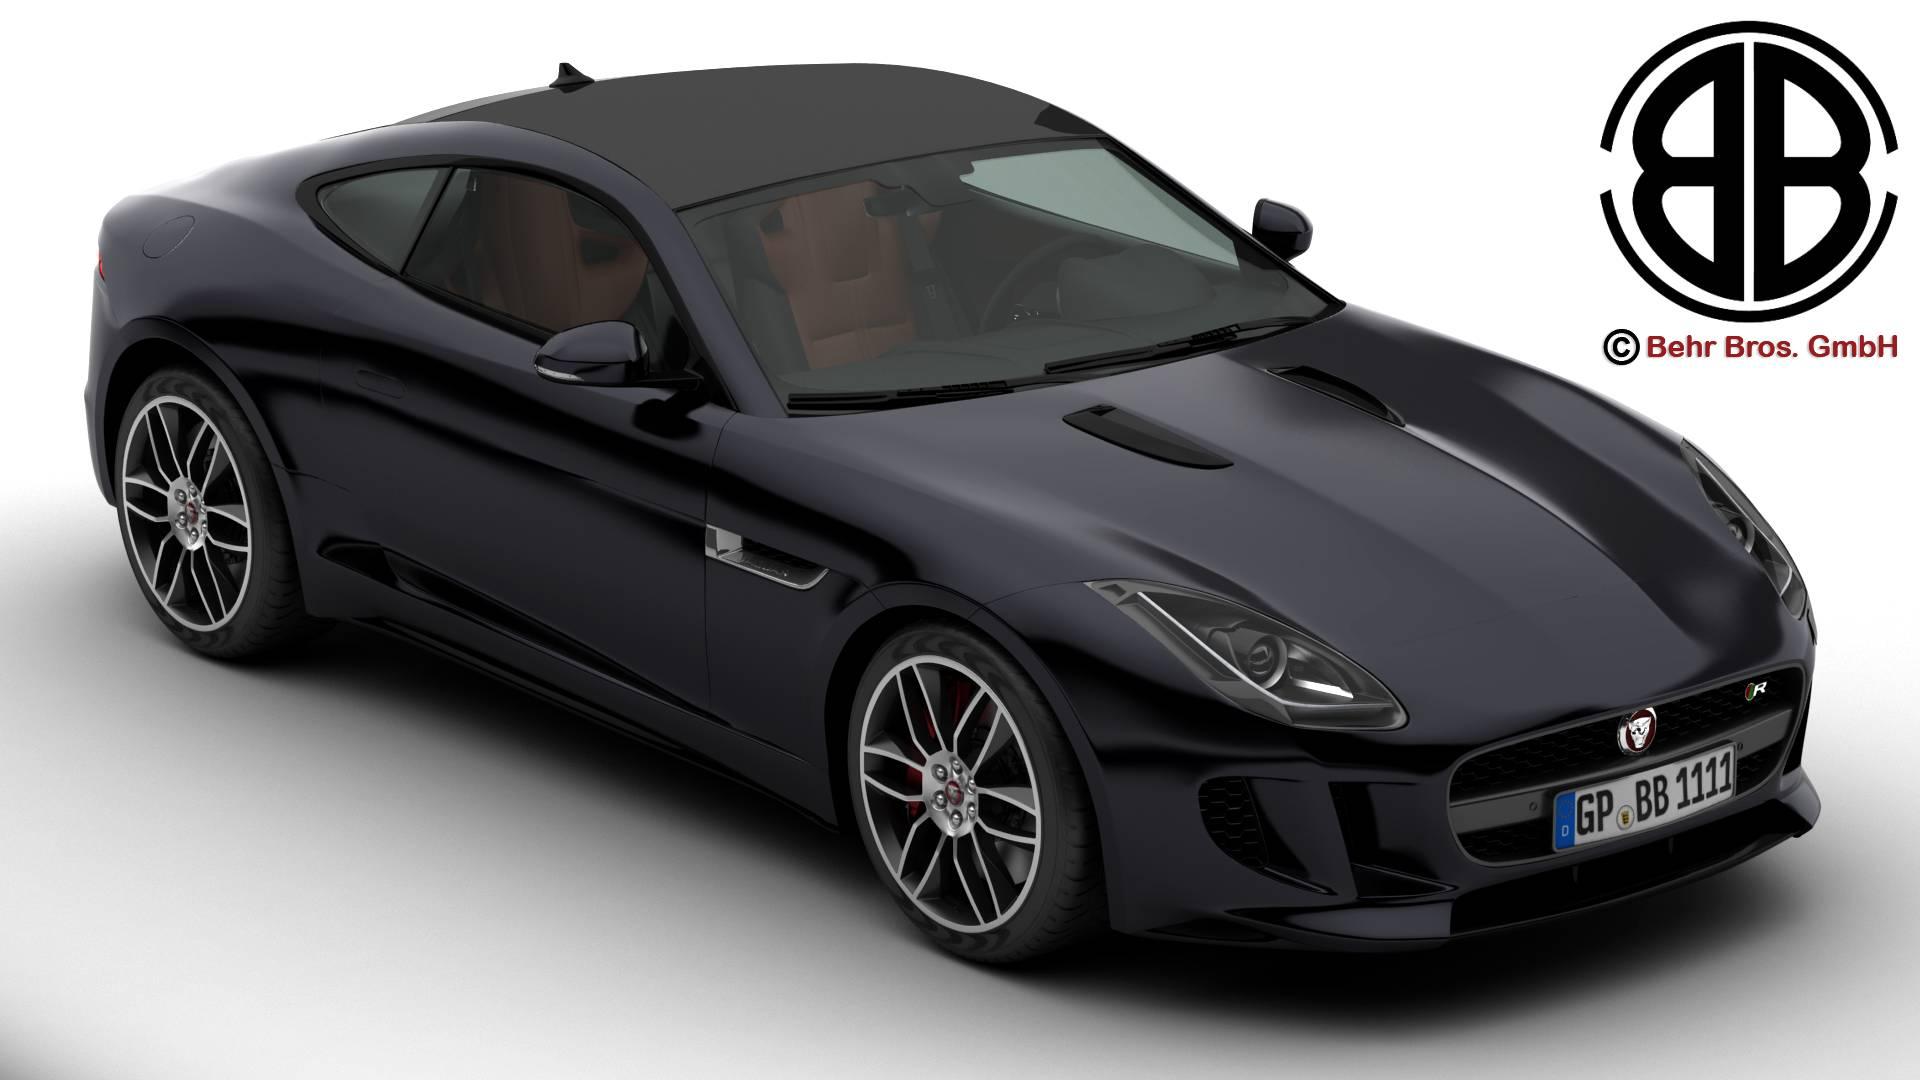 Jaguar F Type R Coupe 2015 3d Model Vehicles 3d Models Sport 3ds